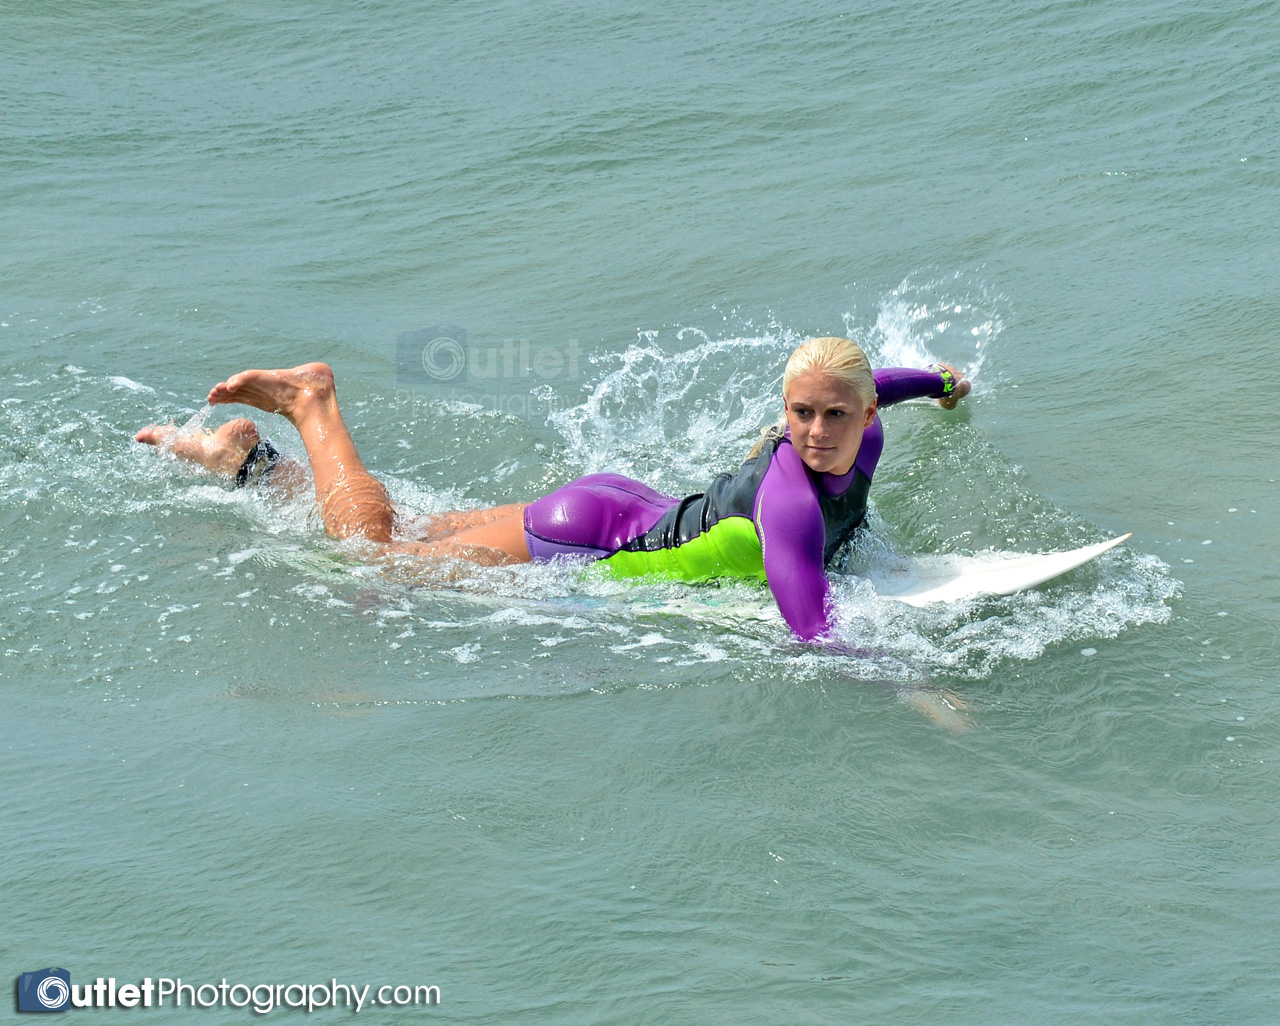 Jr Pro woman surfer